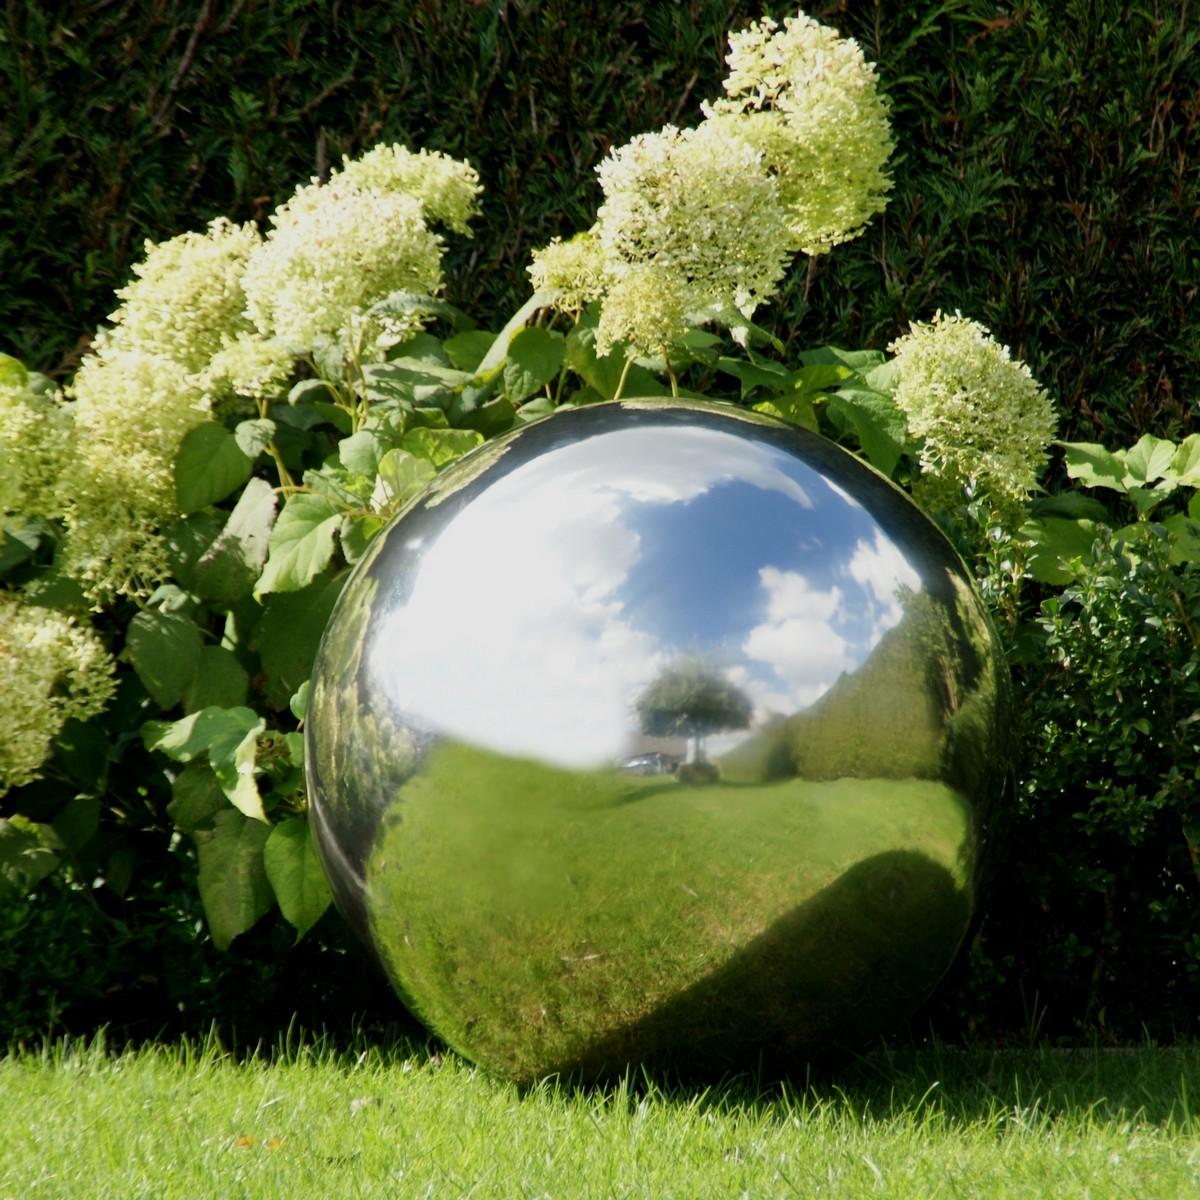 Heksenbol spiegelbol XL 70 cm